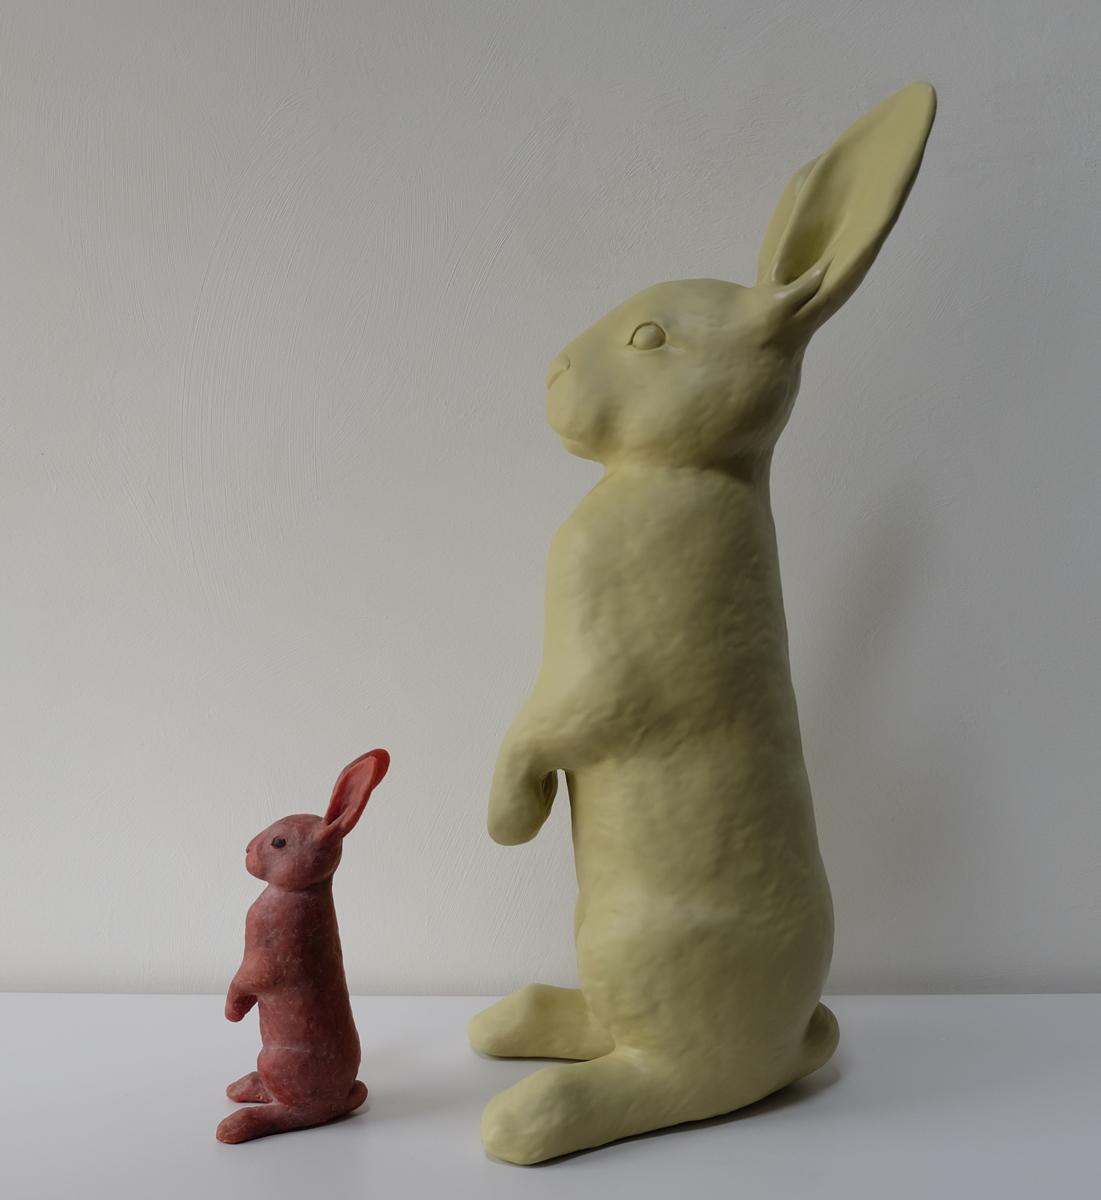 konijn 3d print herman van veen konijnhouder landgoed de plats